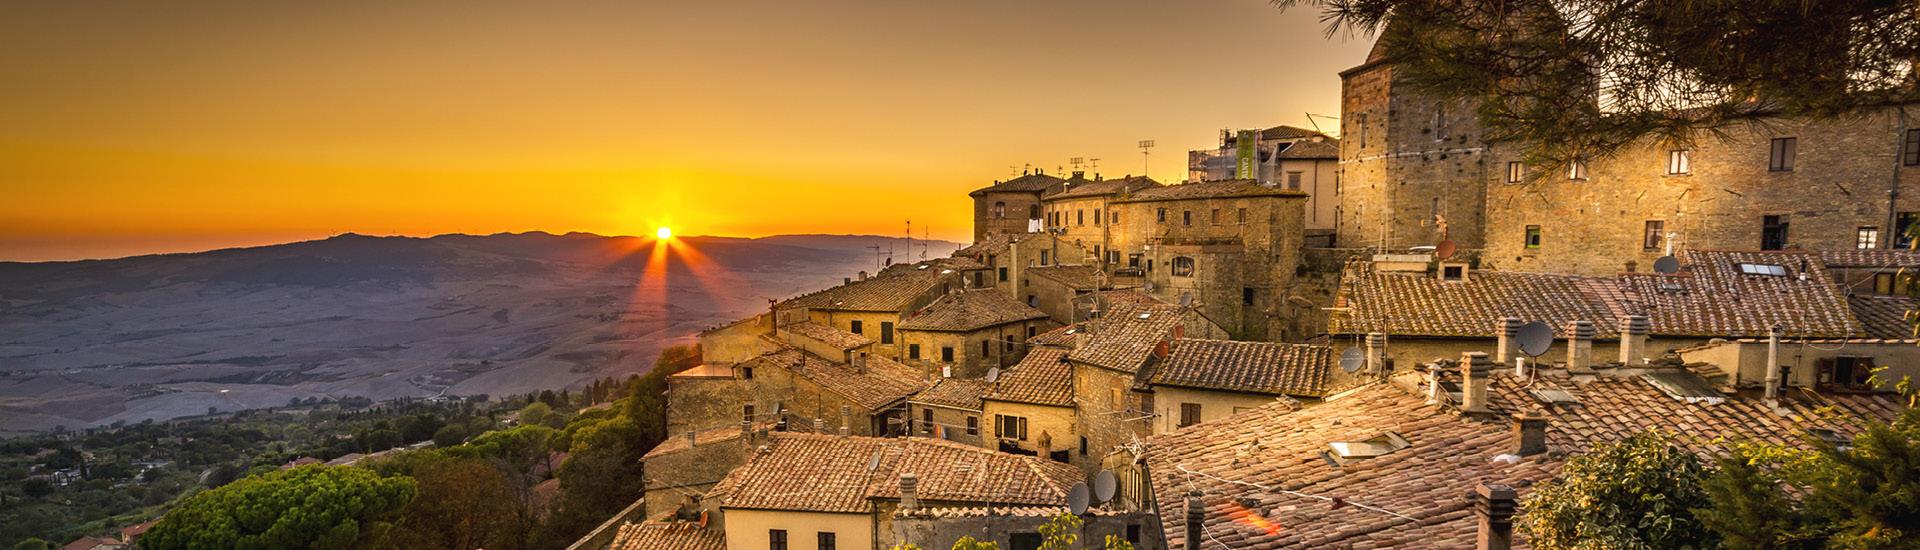 Feinste Weine der Toskana - Super Tuscans & Co. bis -20% 11/2020 - Slider